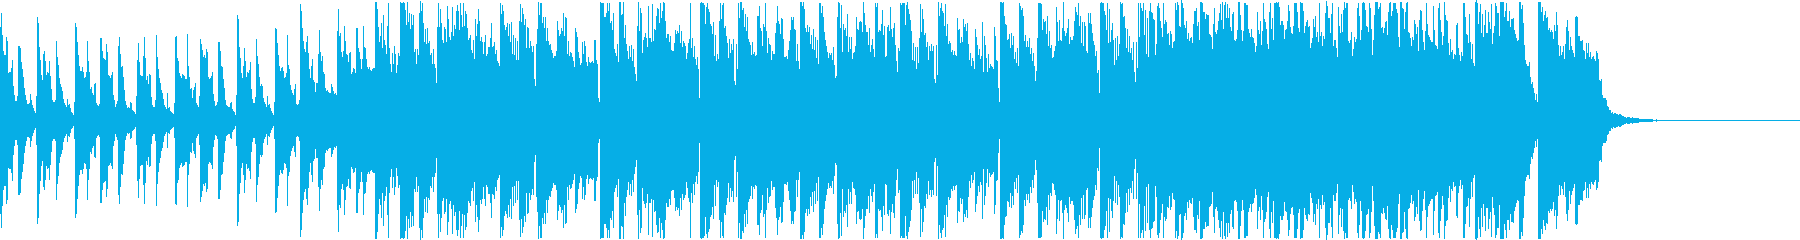 ほのぼのしたアコースティックBGMの再生済みの波形